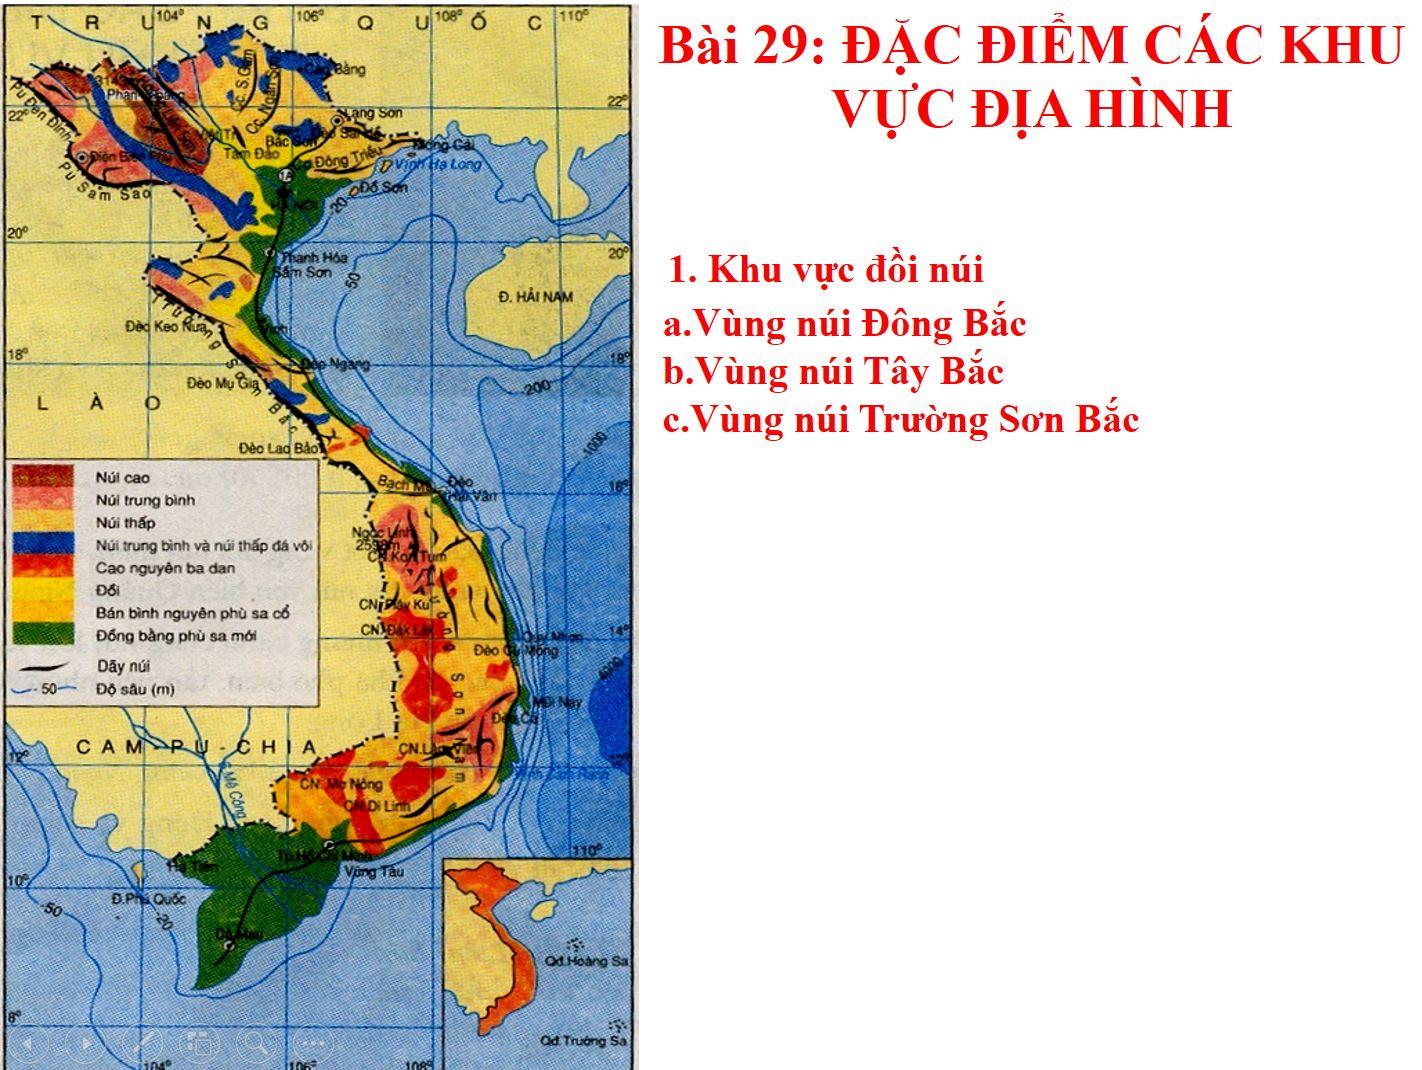 Bài 29: Đặc điểm các khu vực địa hình_THCS Bình Hòa Tây_Mộc Hóa